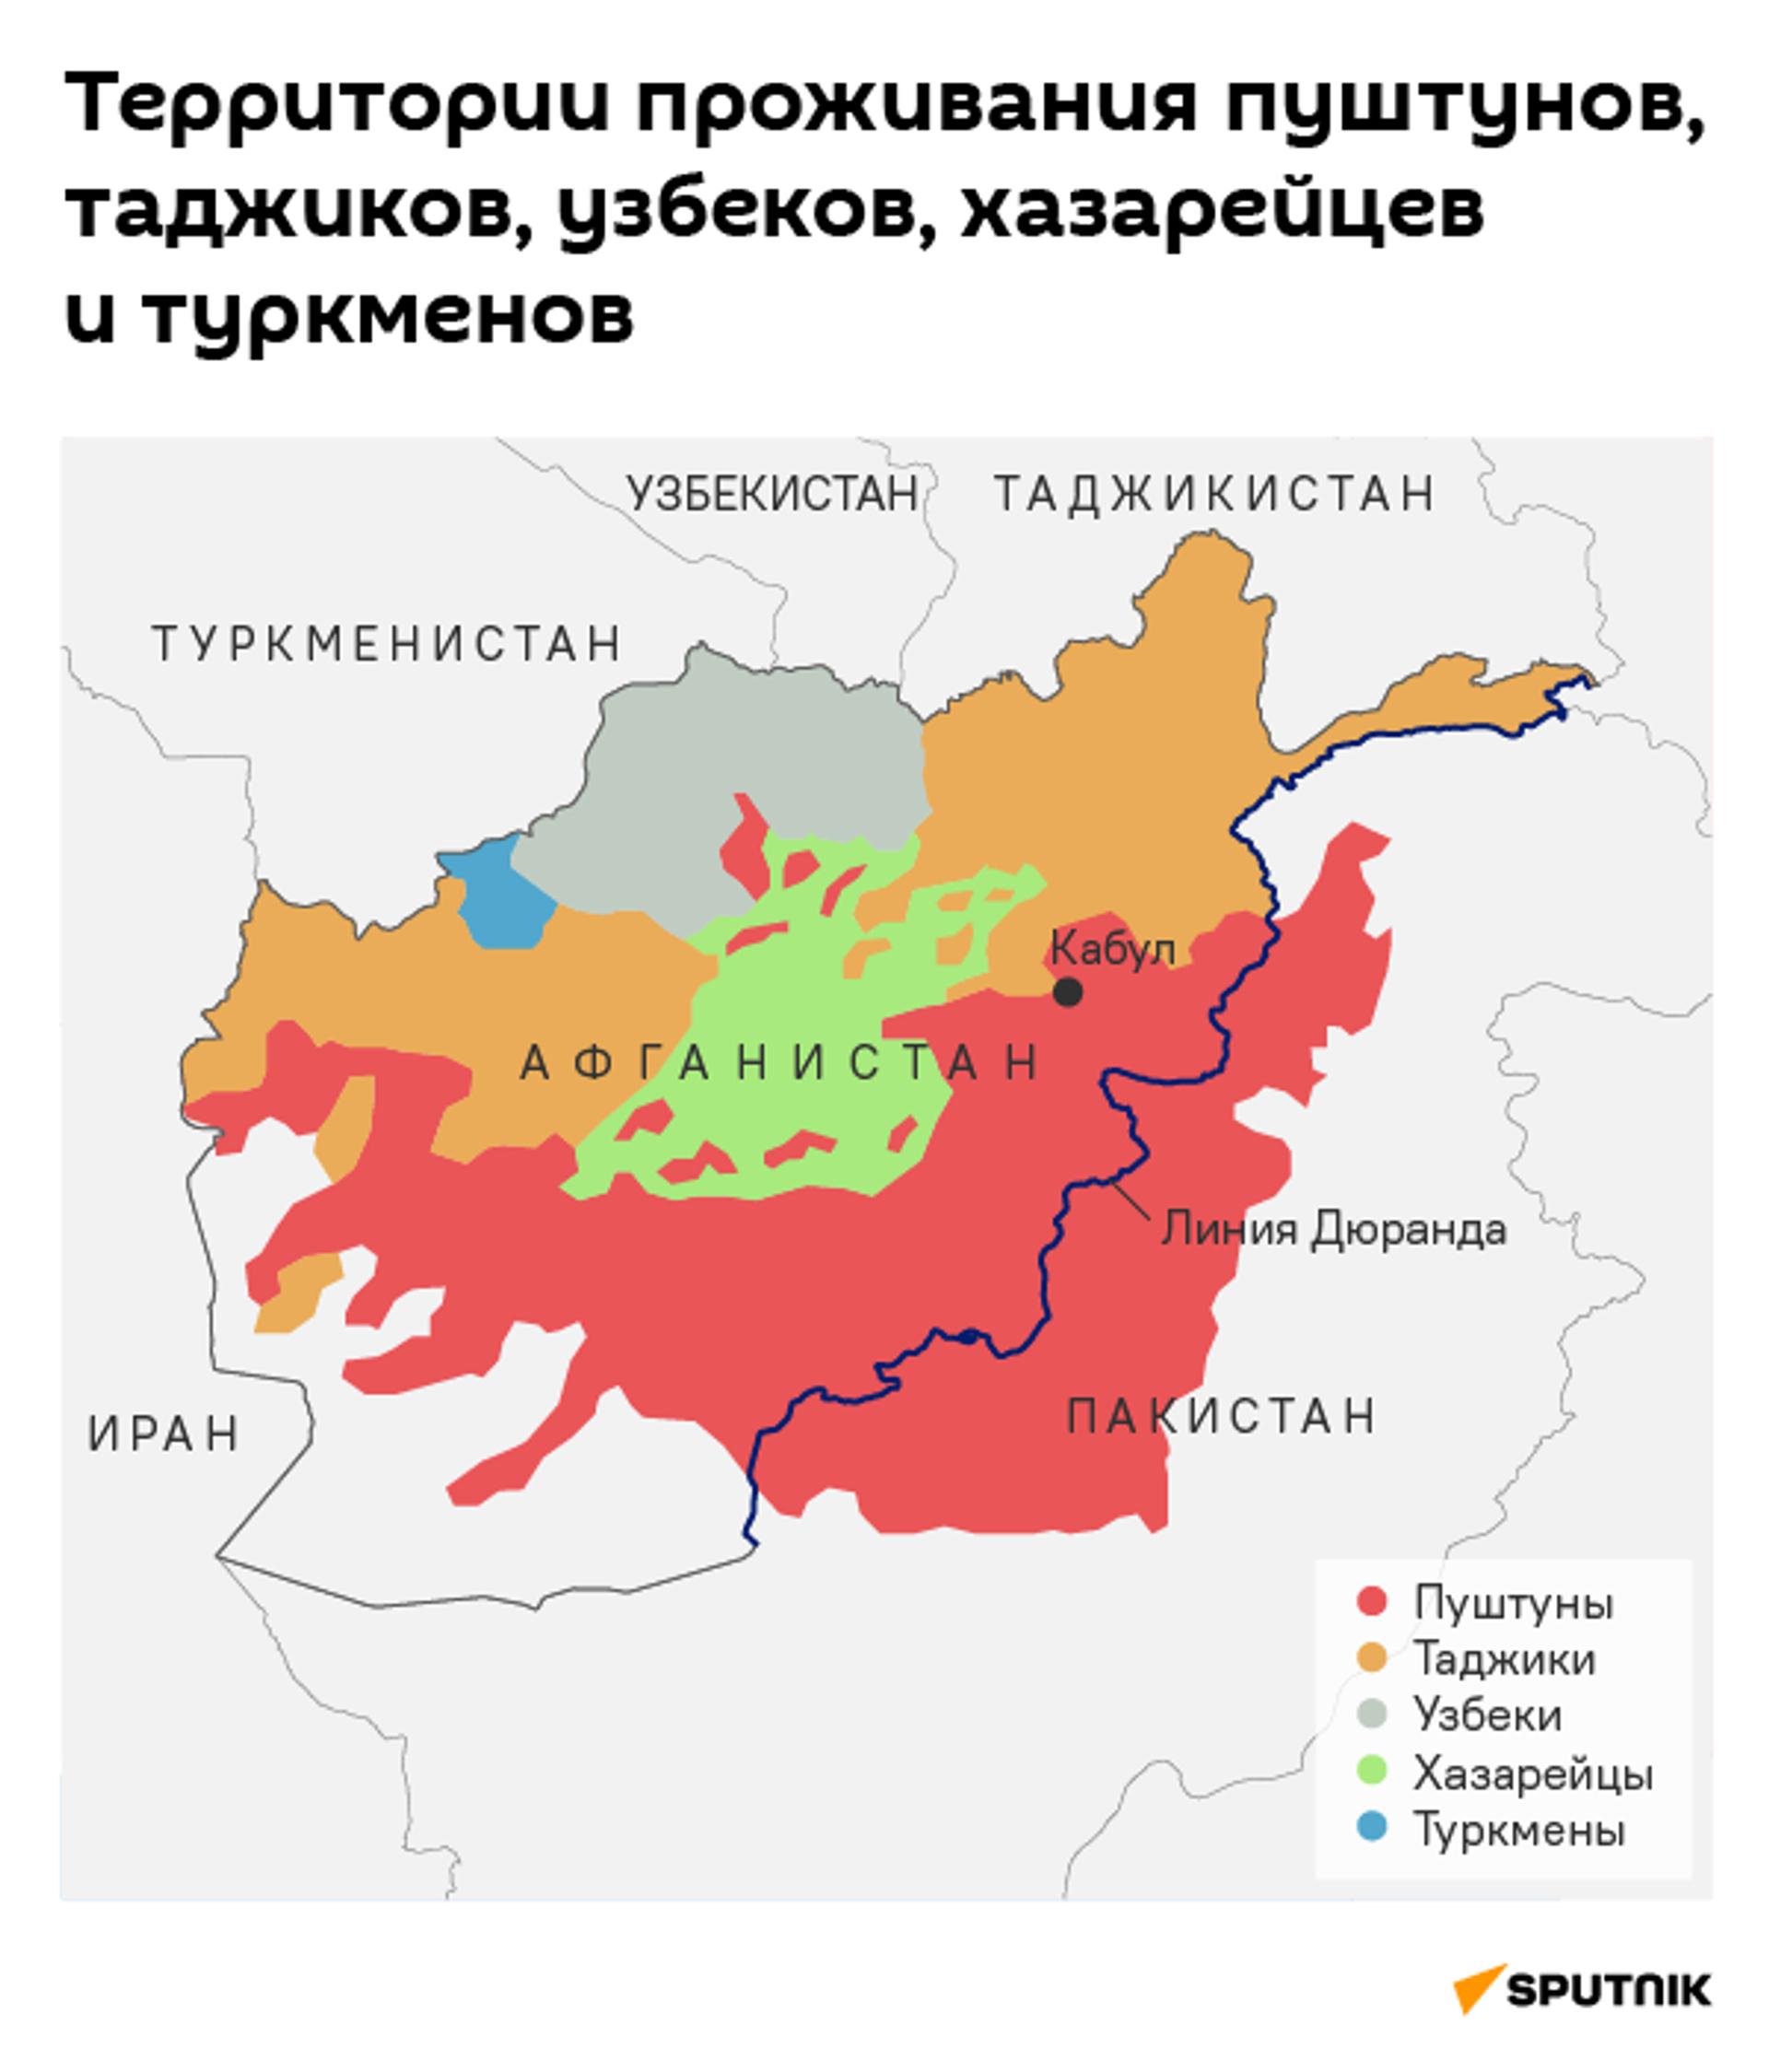 Этническая карта Афганистана - Sputnik Таджикистан, 1920, 14.09.2021